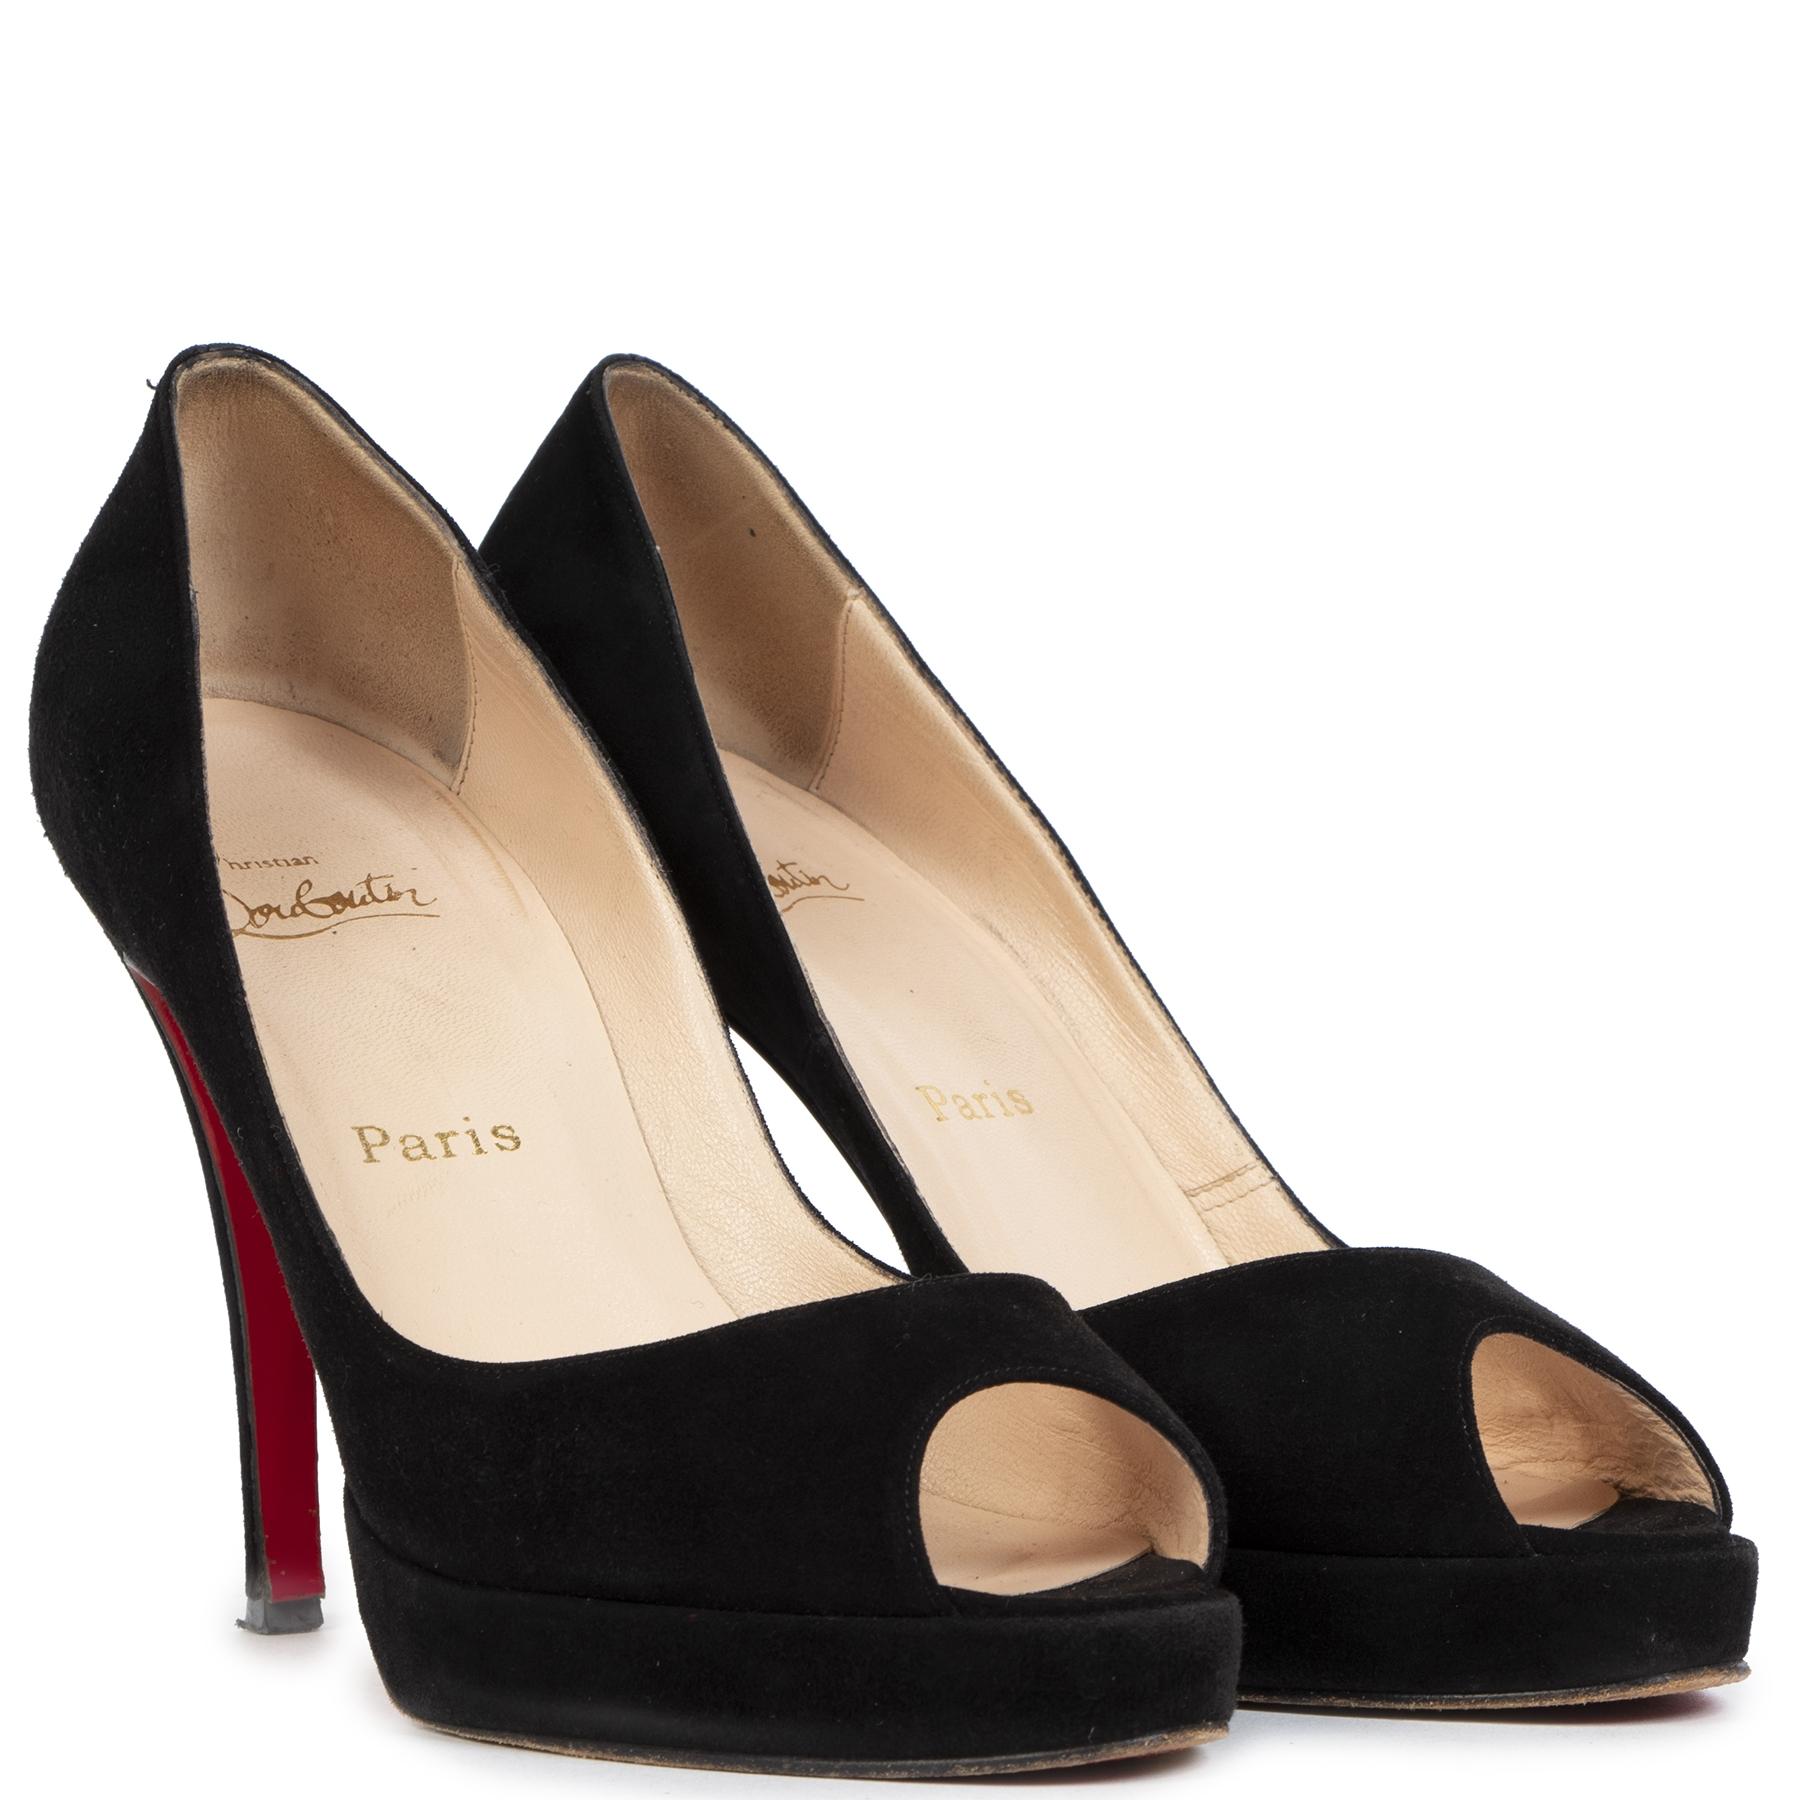 Authentieke Tweedehands Christian Louboutin Black Suede Peep Toe Pumps - size 39 1/2 juiste prijs veilig online shoppen luxe merken webshop winkelen Antwerpen België mode fashion